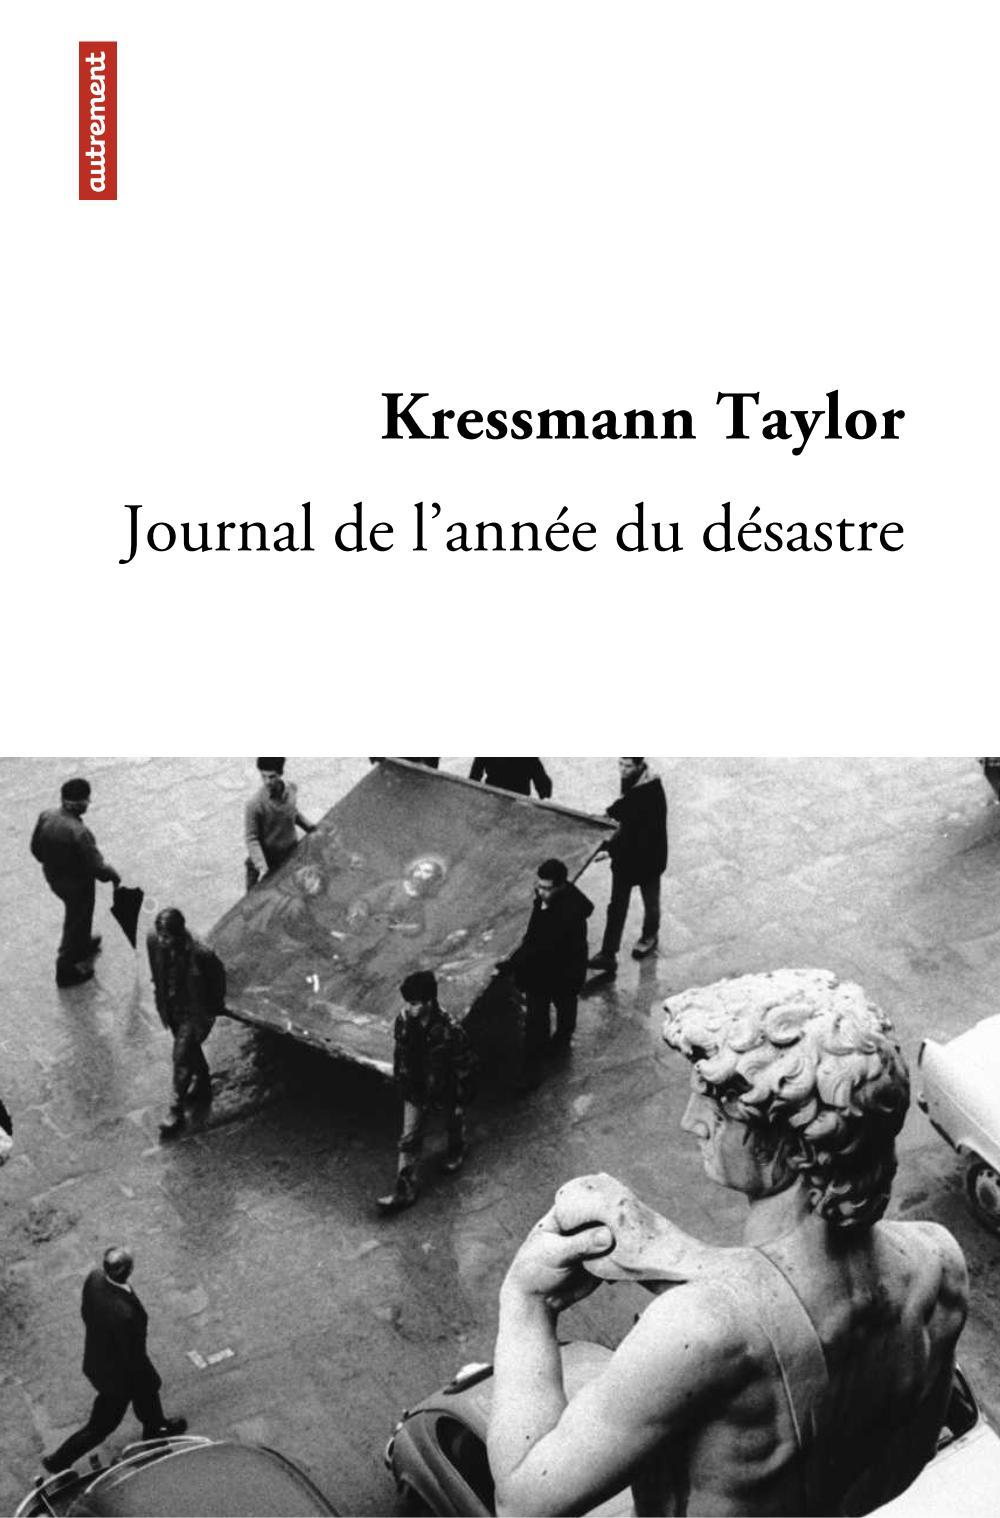 Journal de l'année du désastre